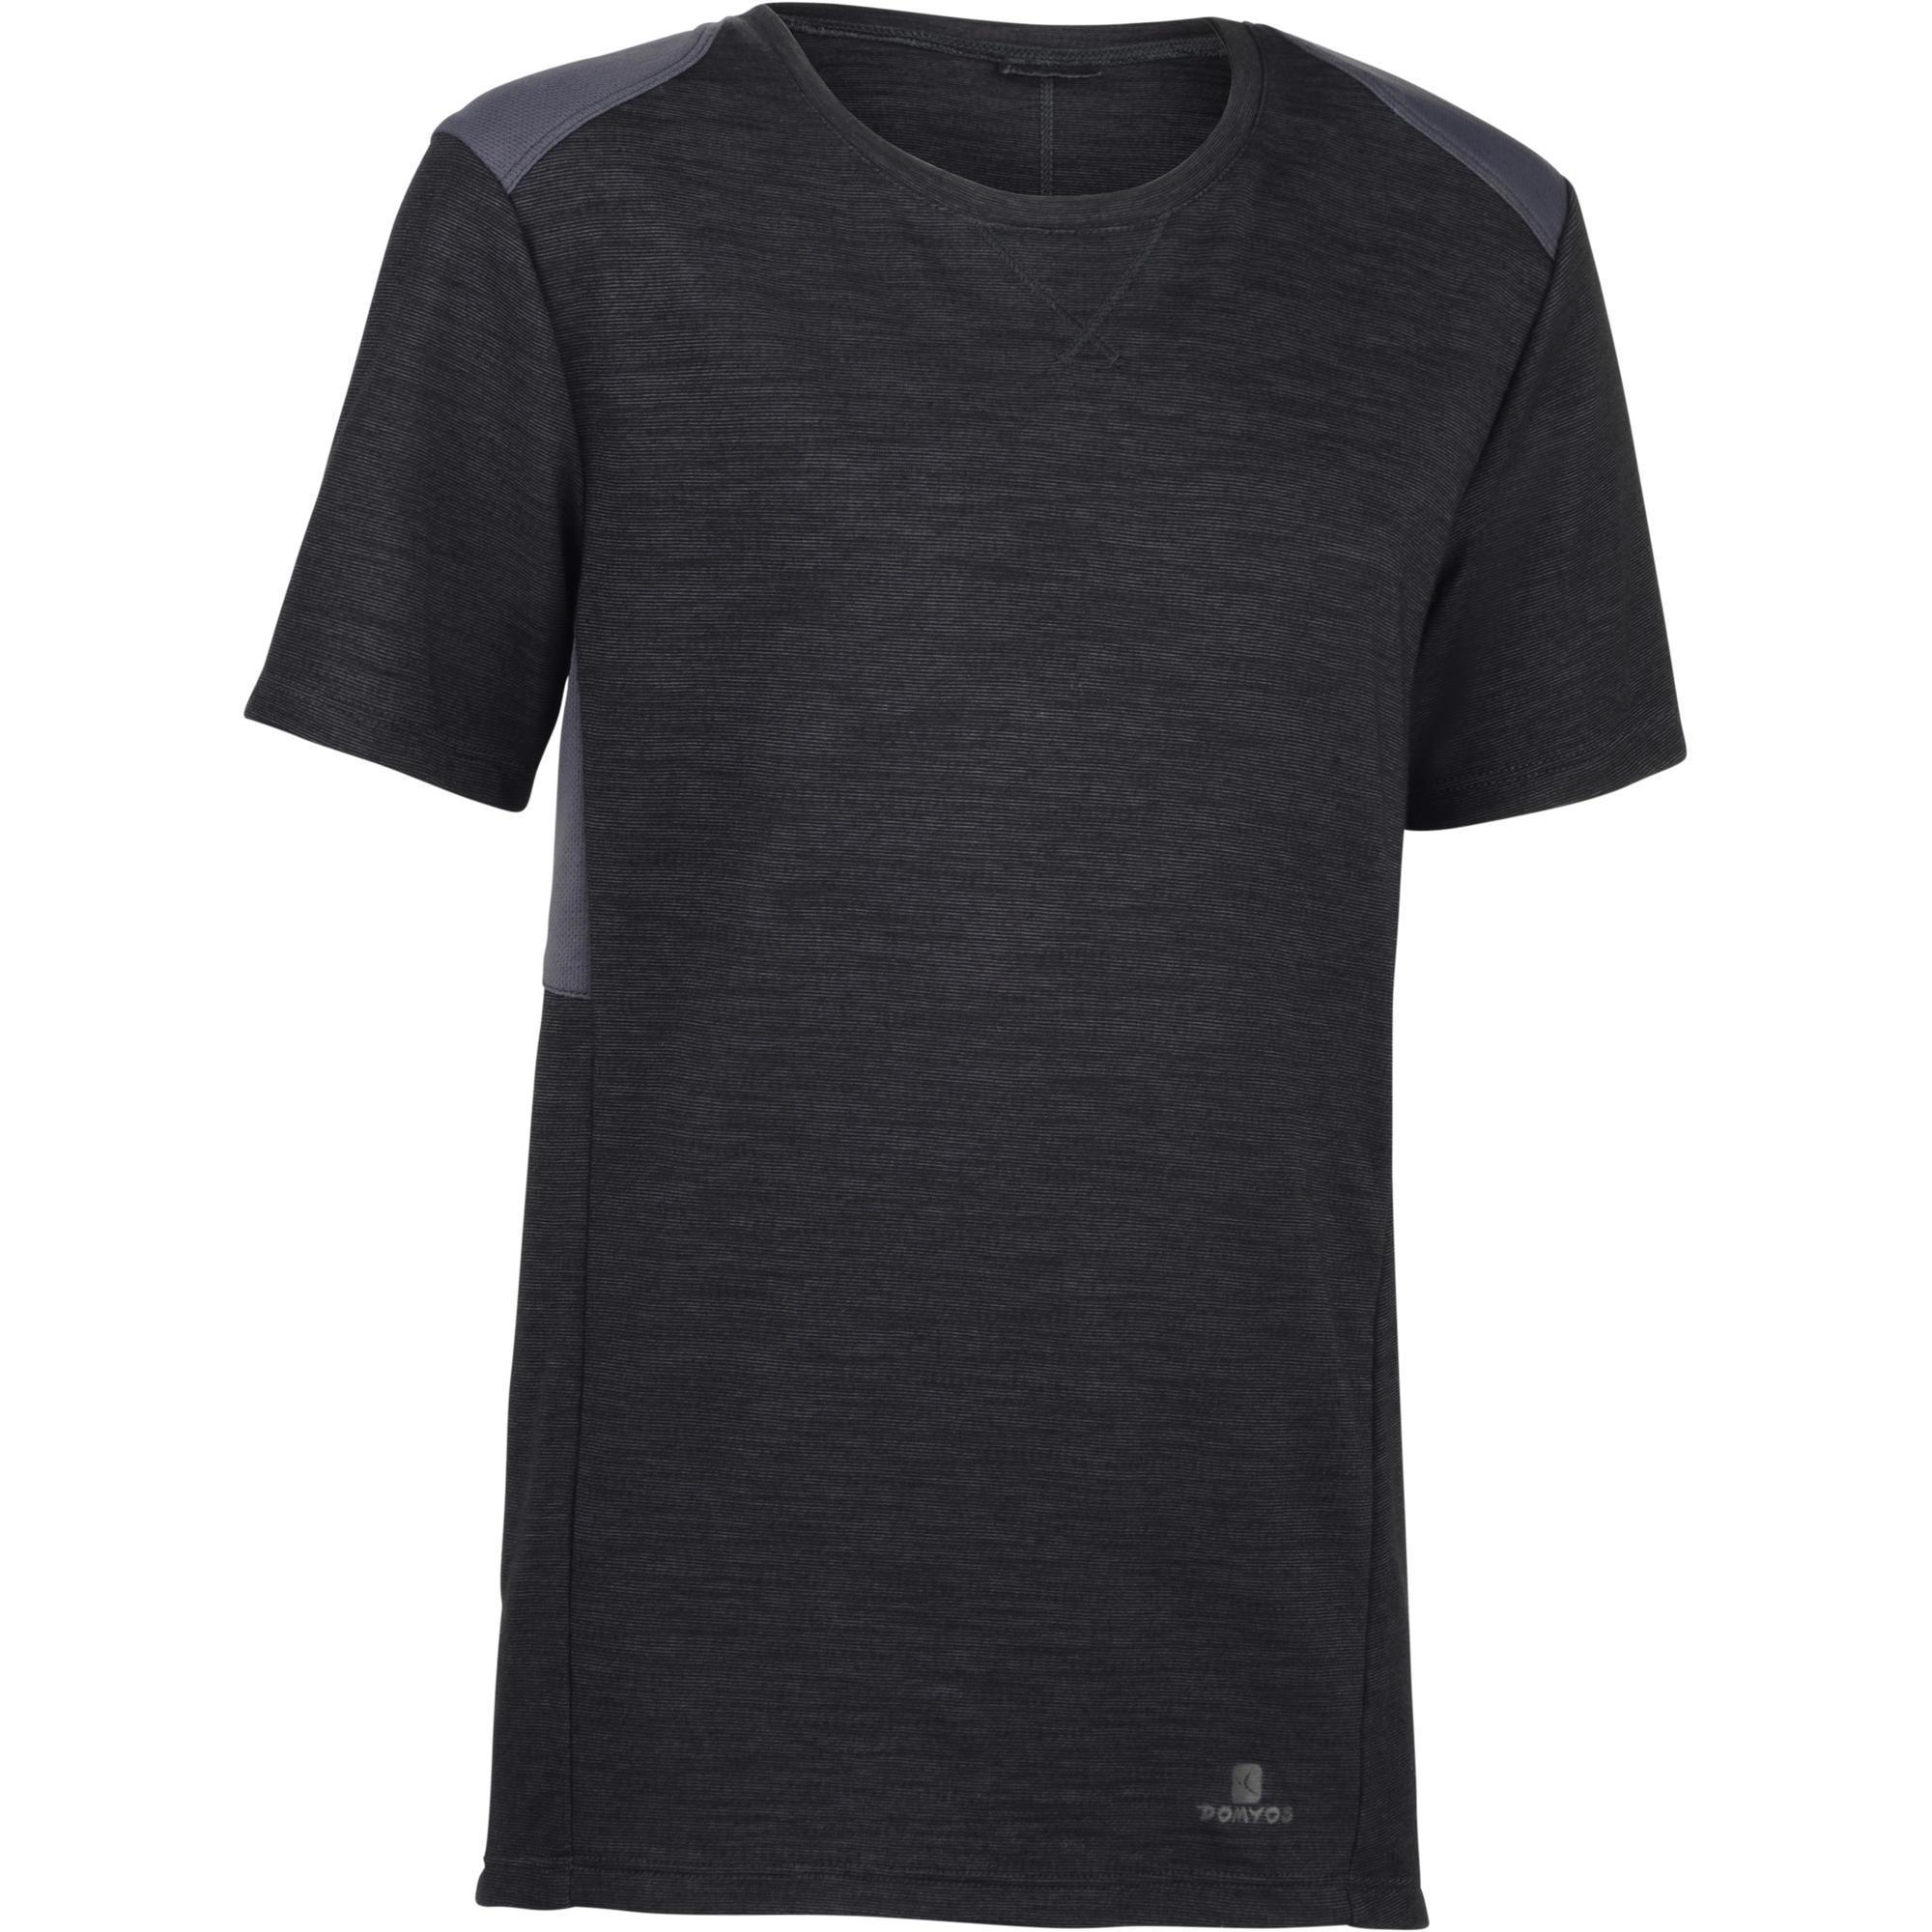 Domyos Gym T-shirt met korte mouwen 500 voor jongens grijs zwart